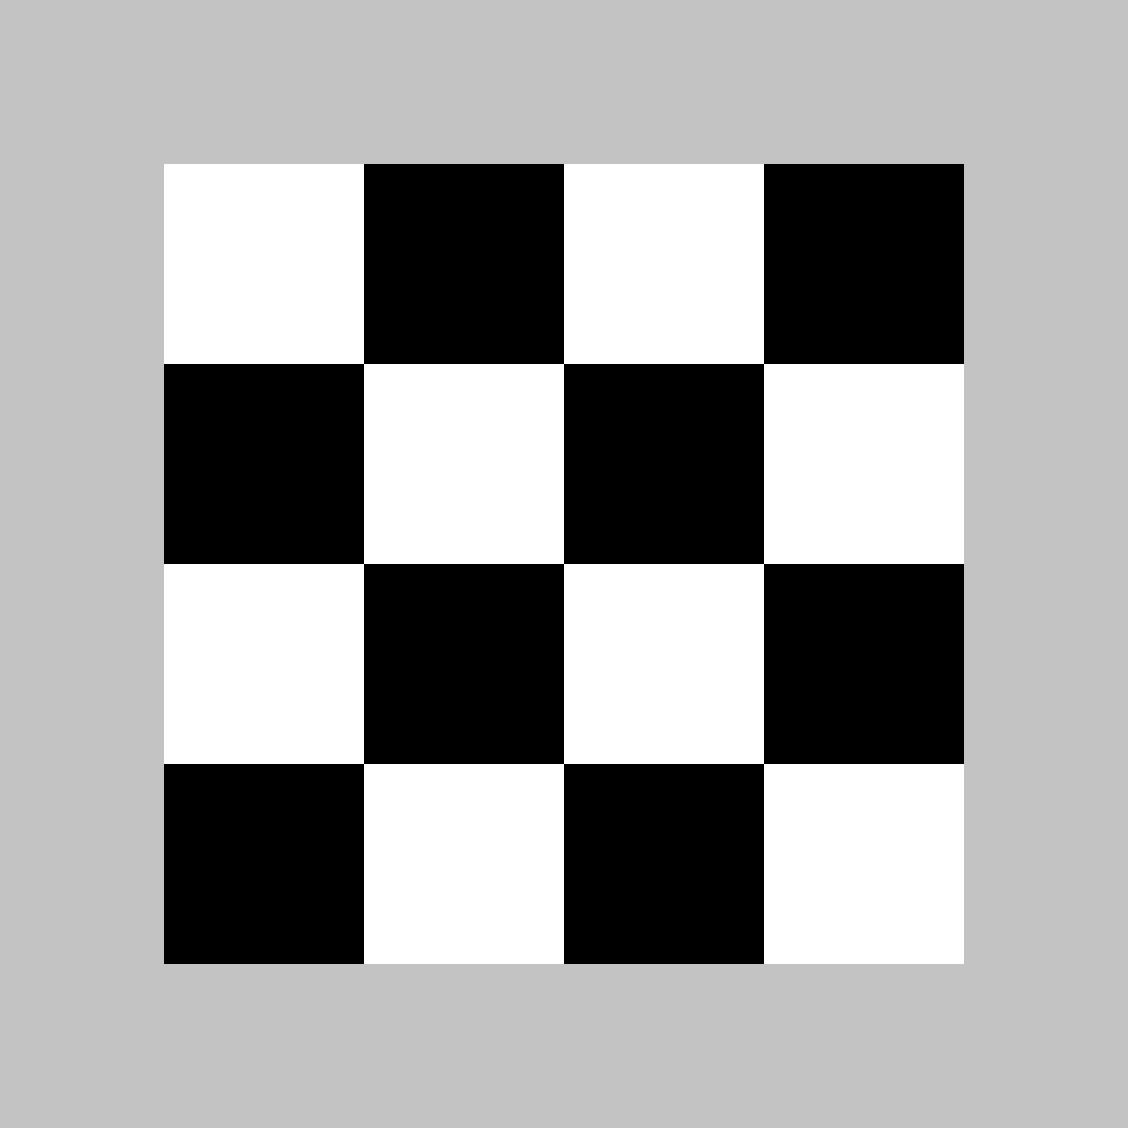 surface d'un carré de côté 4=16